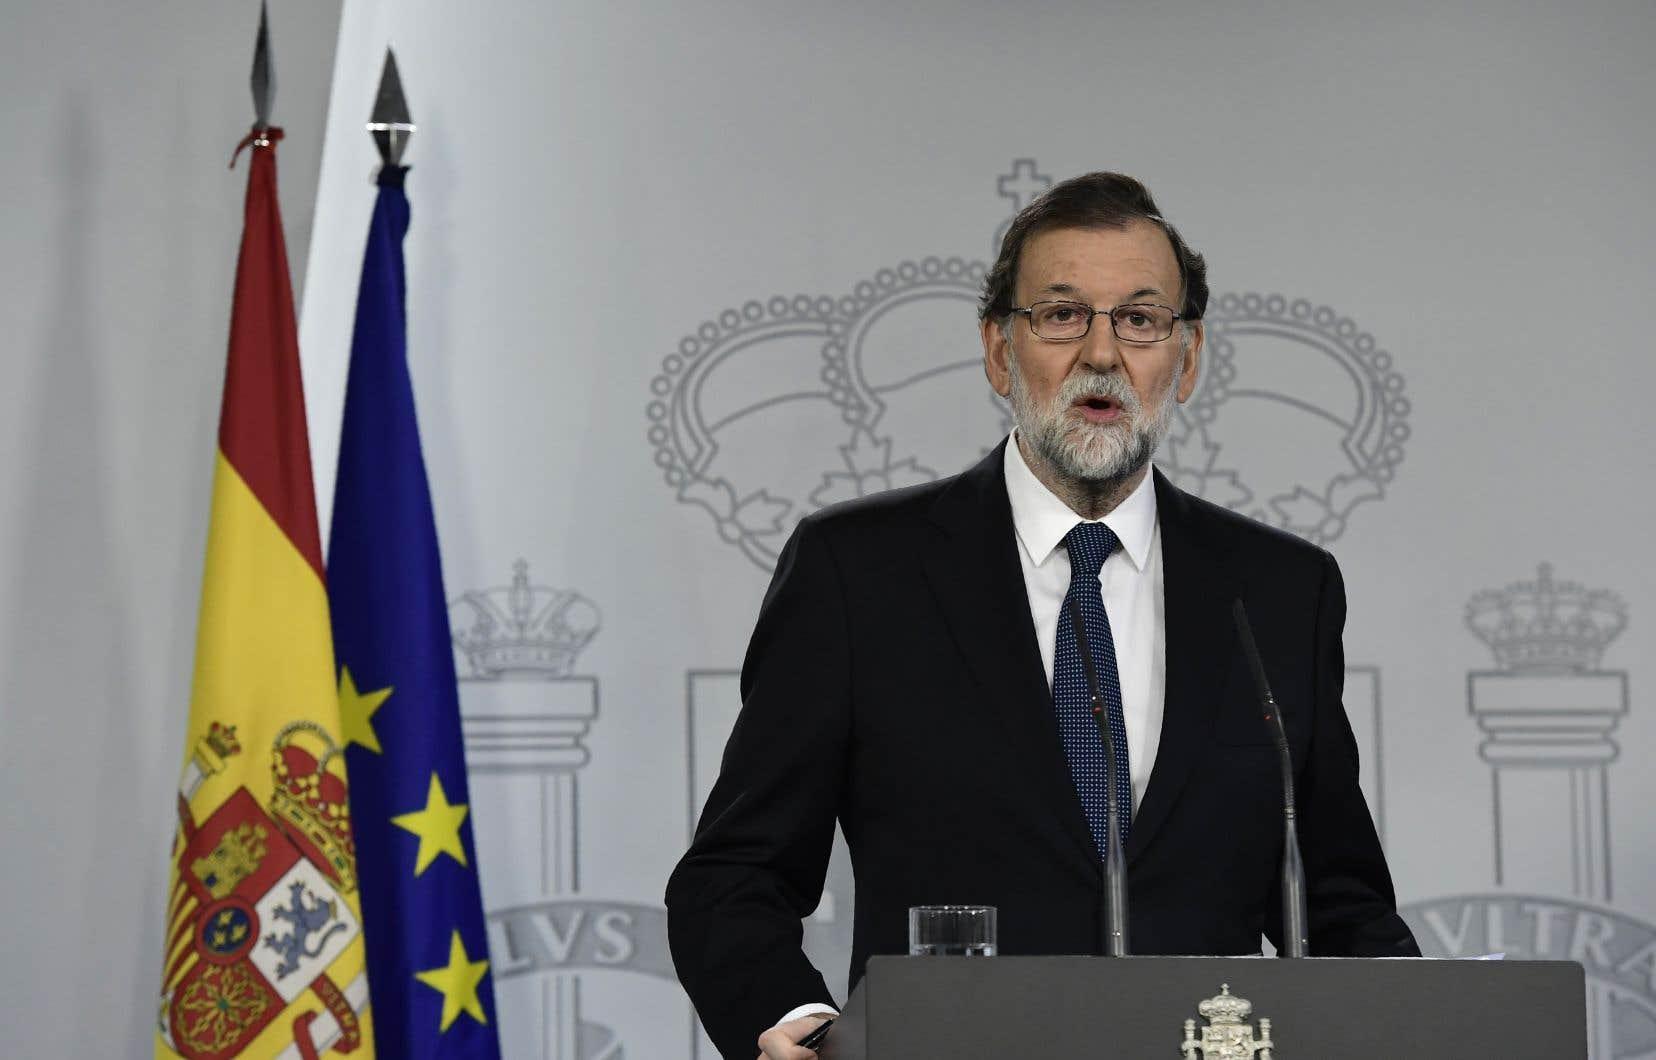 Le premier ministre espagnol, Mariano Rajoy